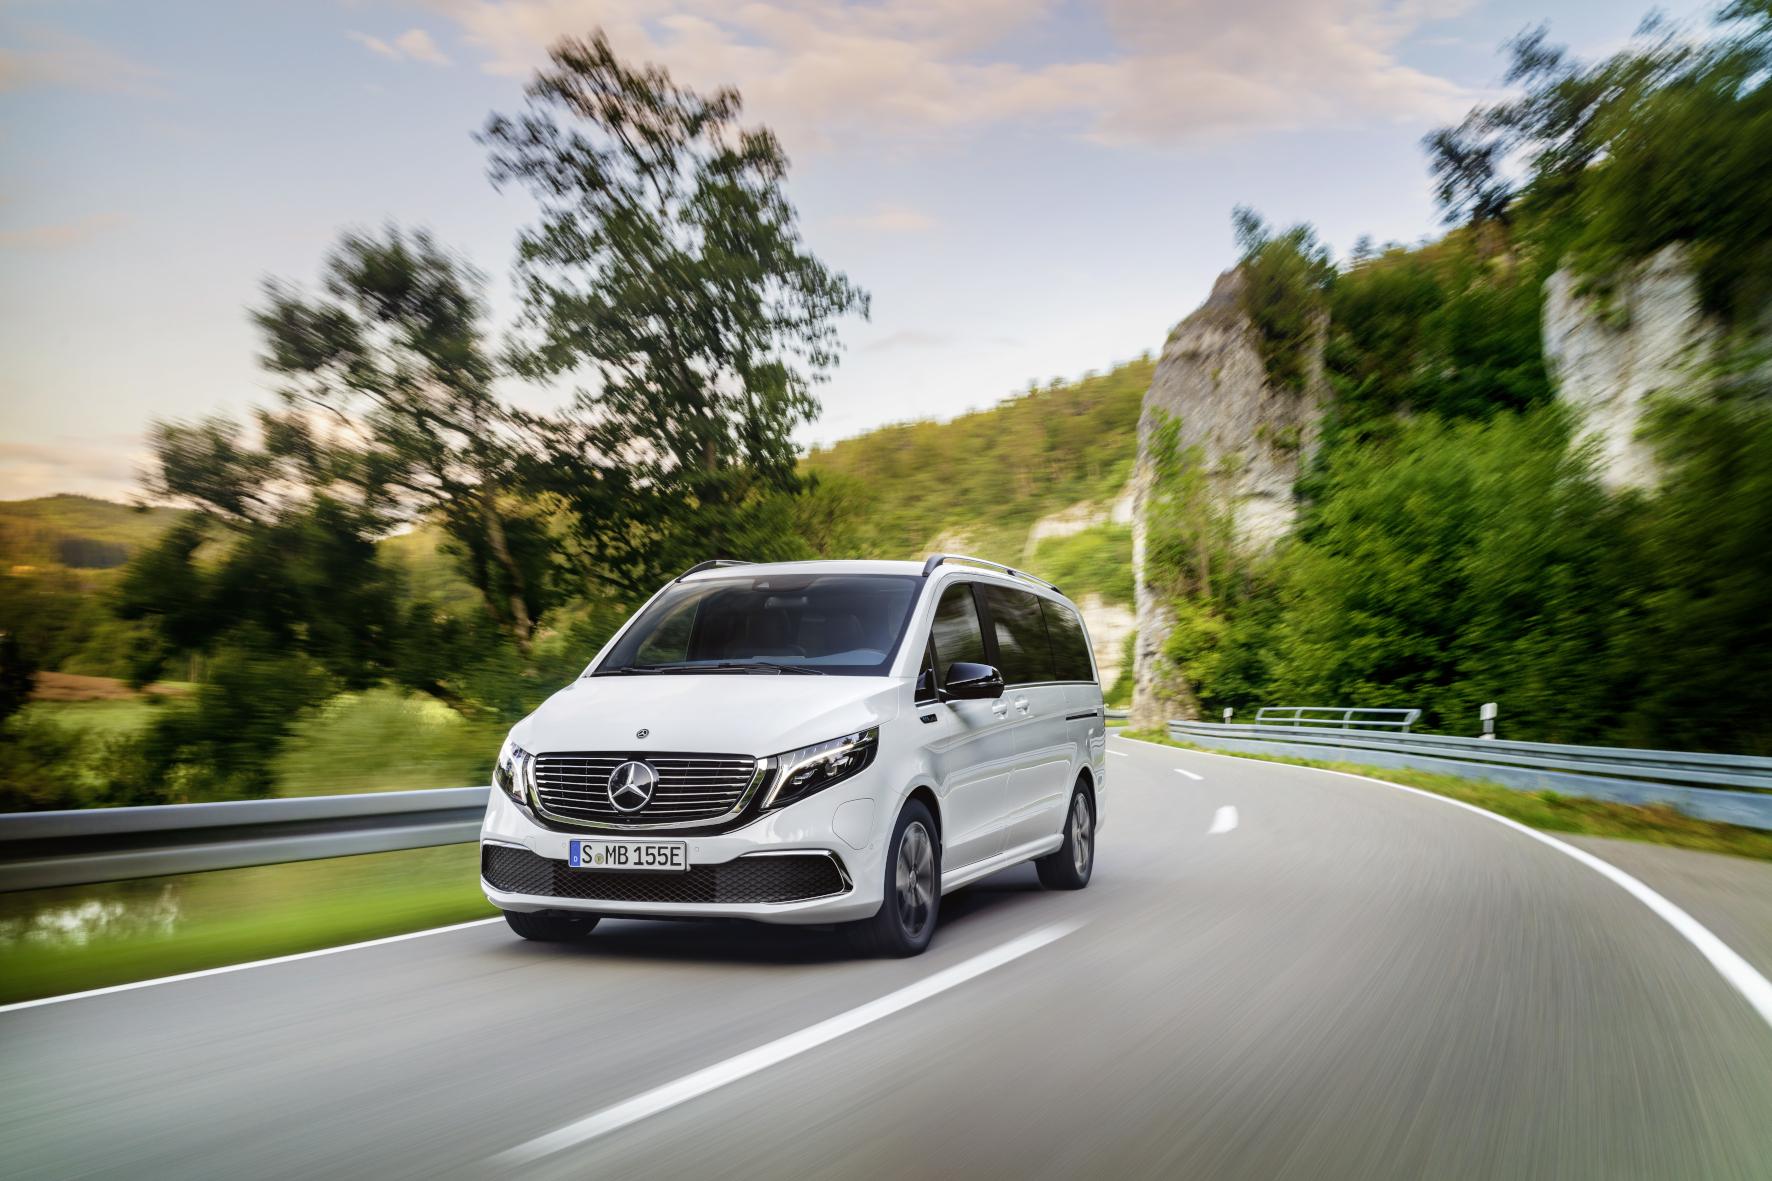 mid Stuttgart - Der vollelektrische EQV komplettiert ab Mitte 2020 die V-Klasse-Familie. Daimler